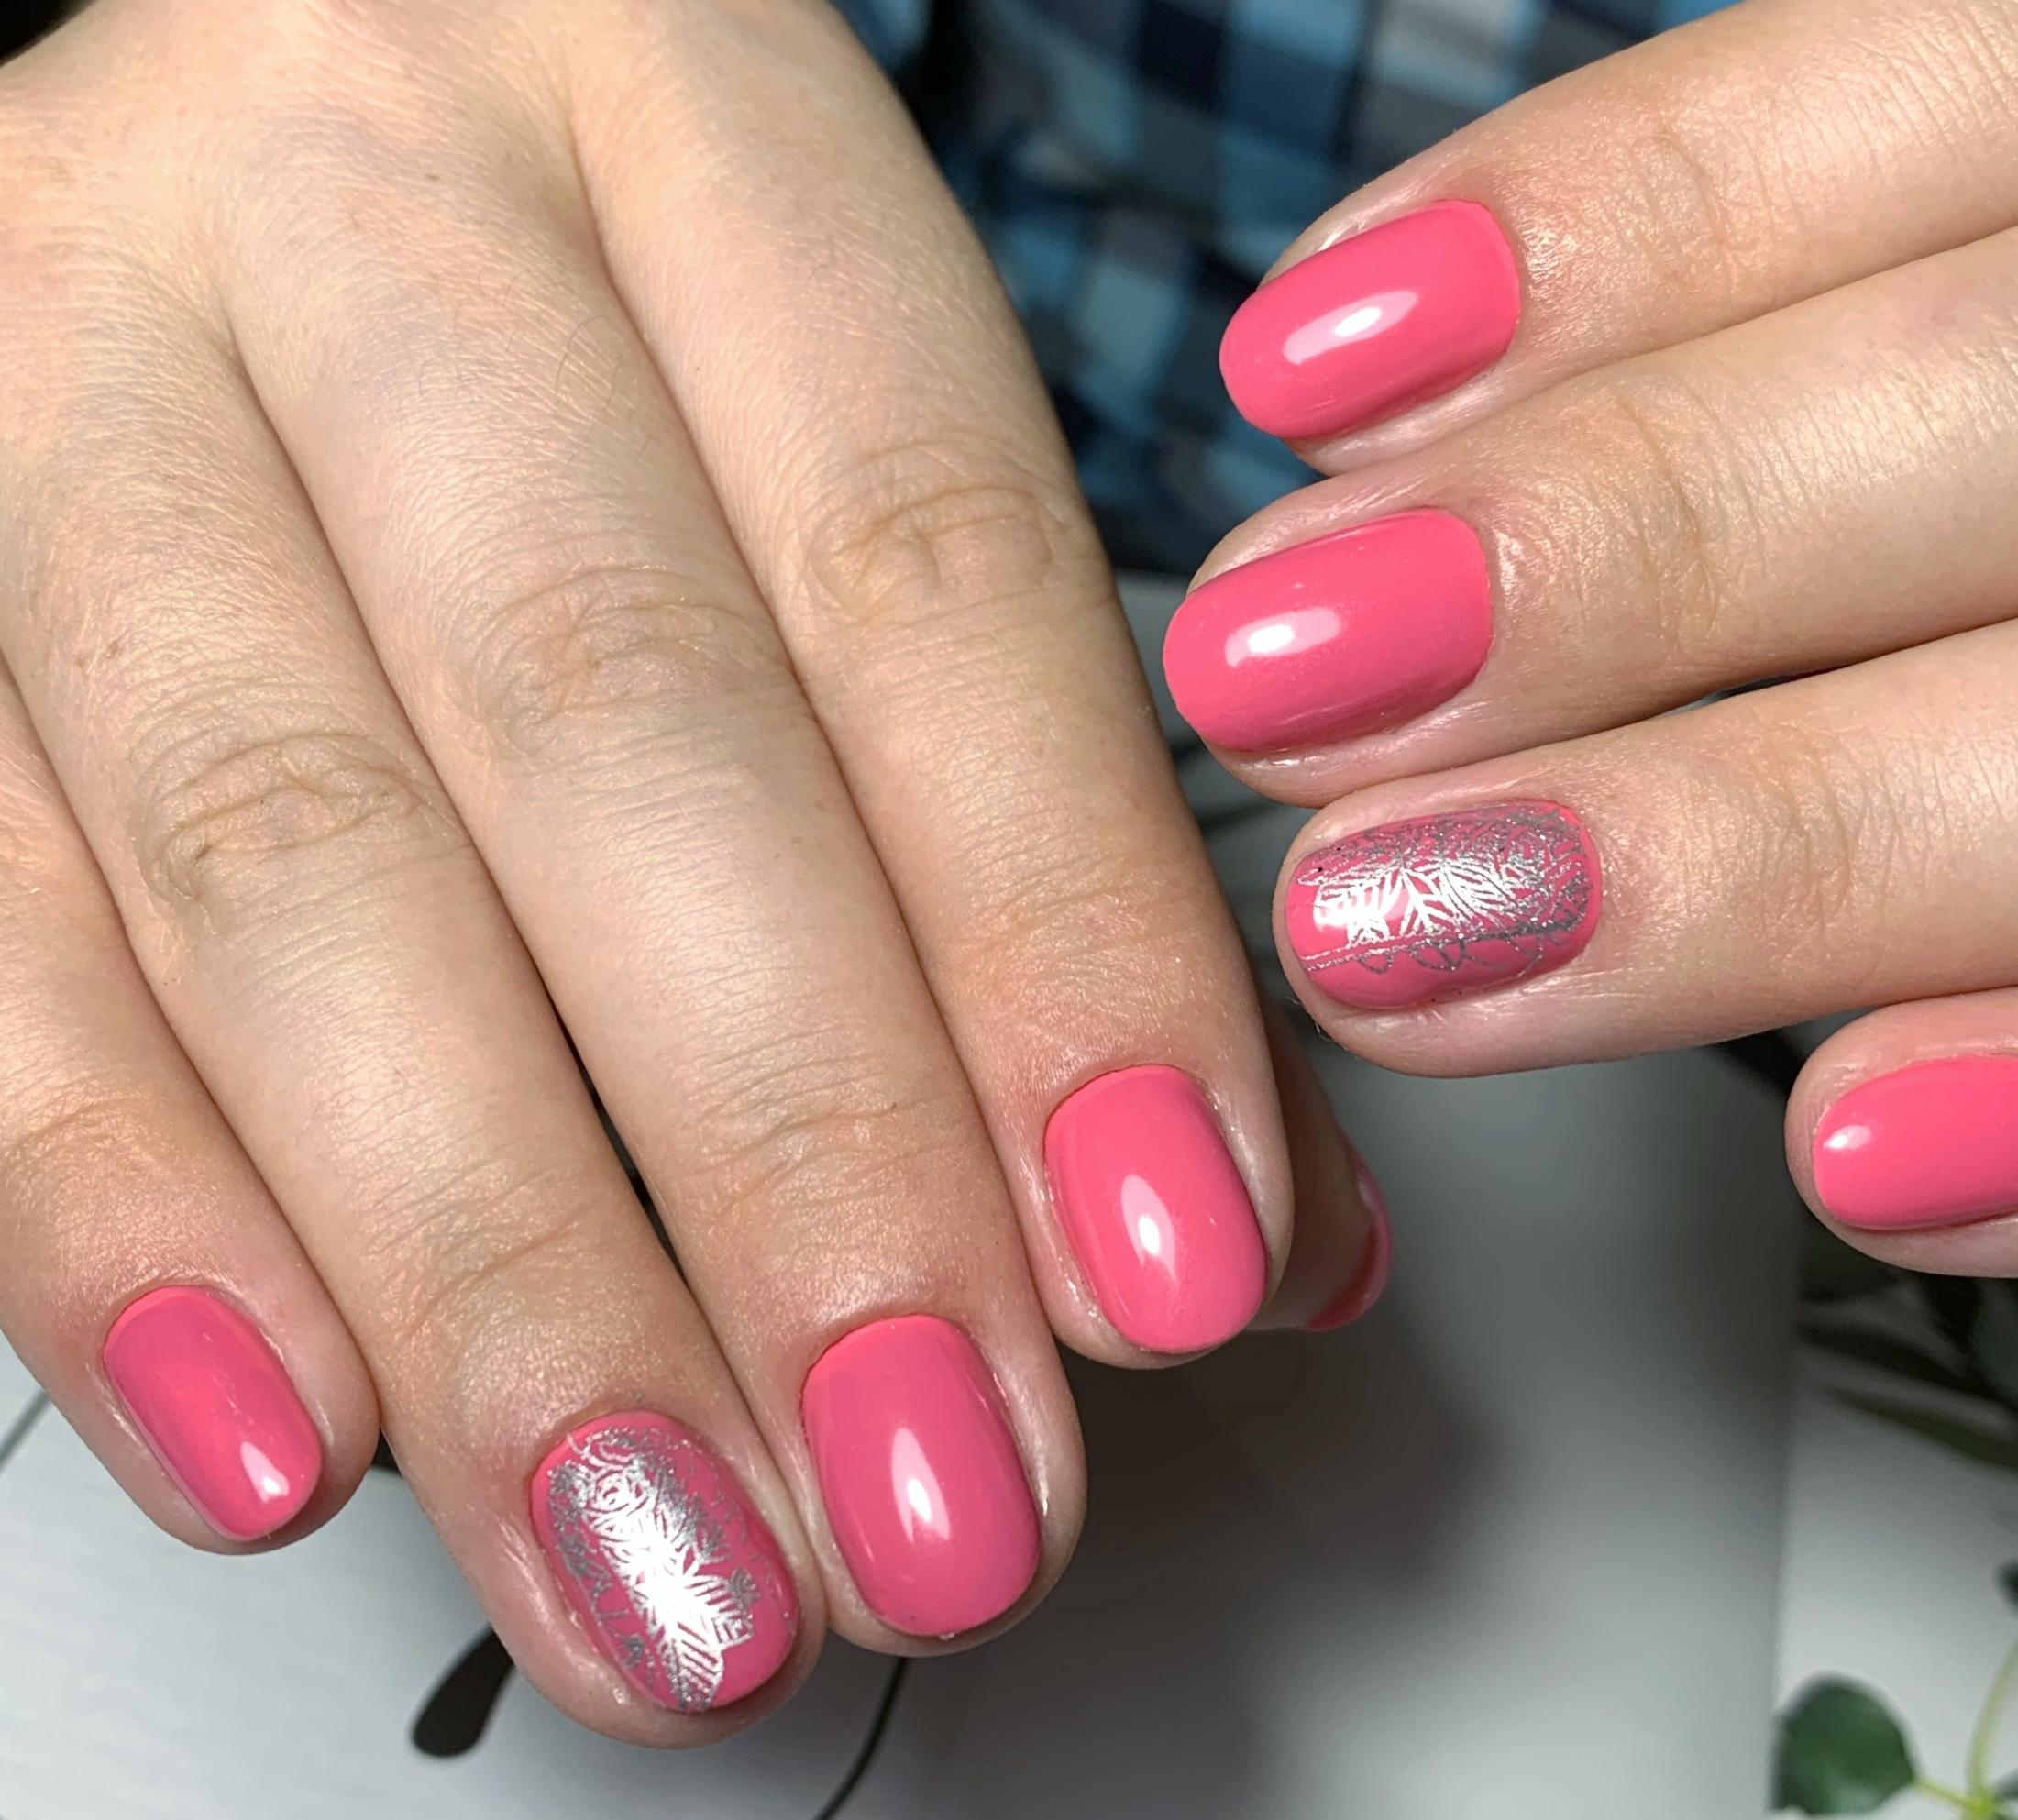 Маникюр с серебряным стемпингом в лиловом цвете на короткие ногти.